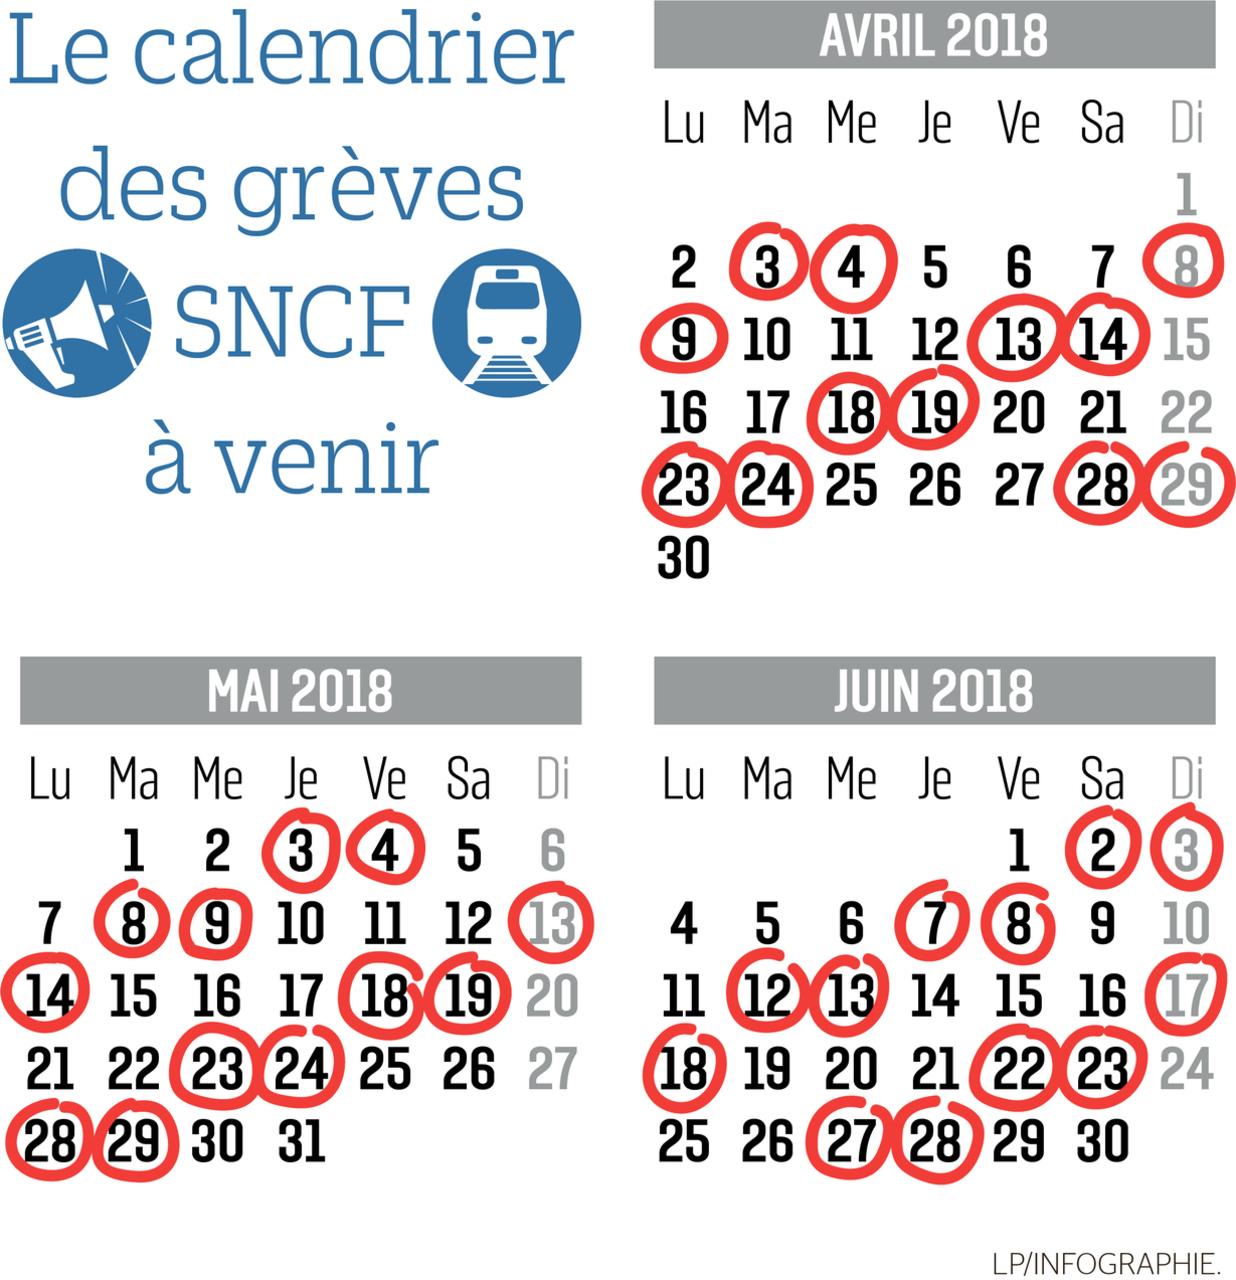 Voyage Sncf Calendrier.Greve Sncf Un Tgv Sur Trois Deux Ter Sur Cinq Le Parisien